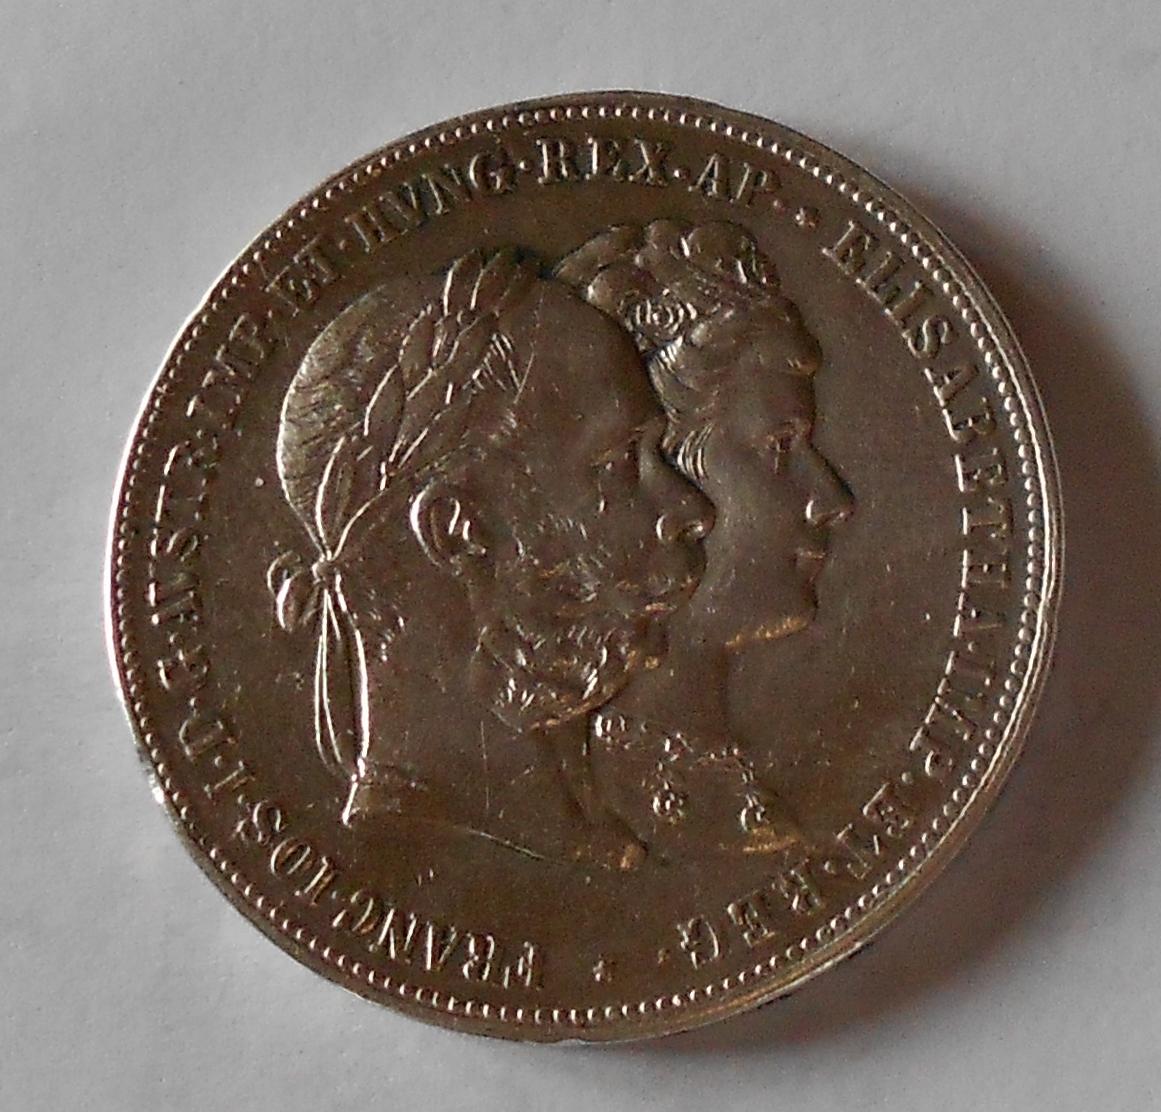 2 Zlatník 1879 Stříbrná svatba, měl ouško